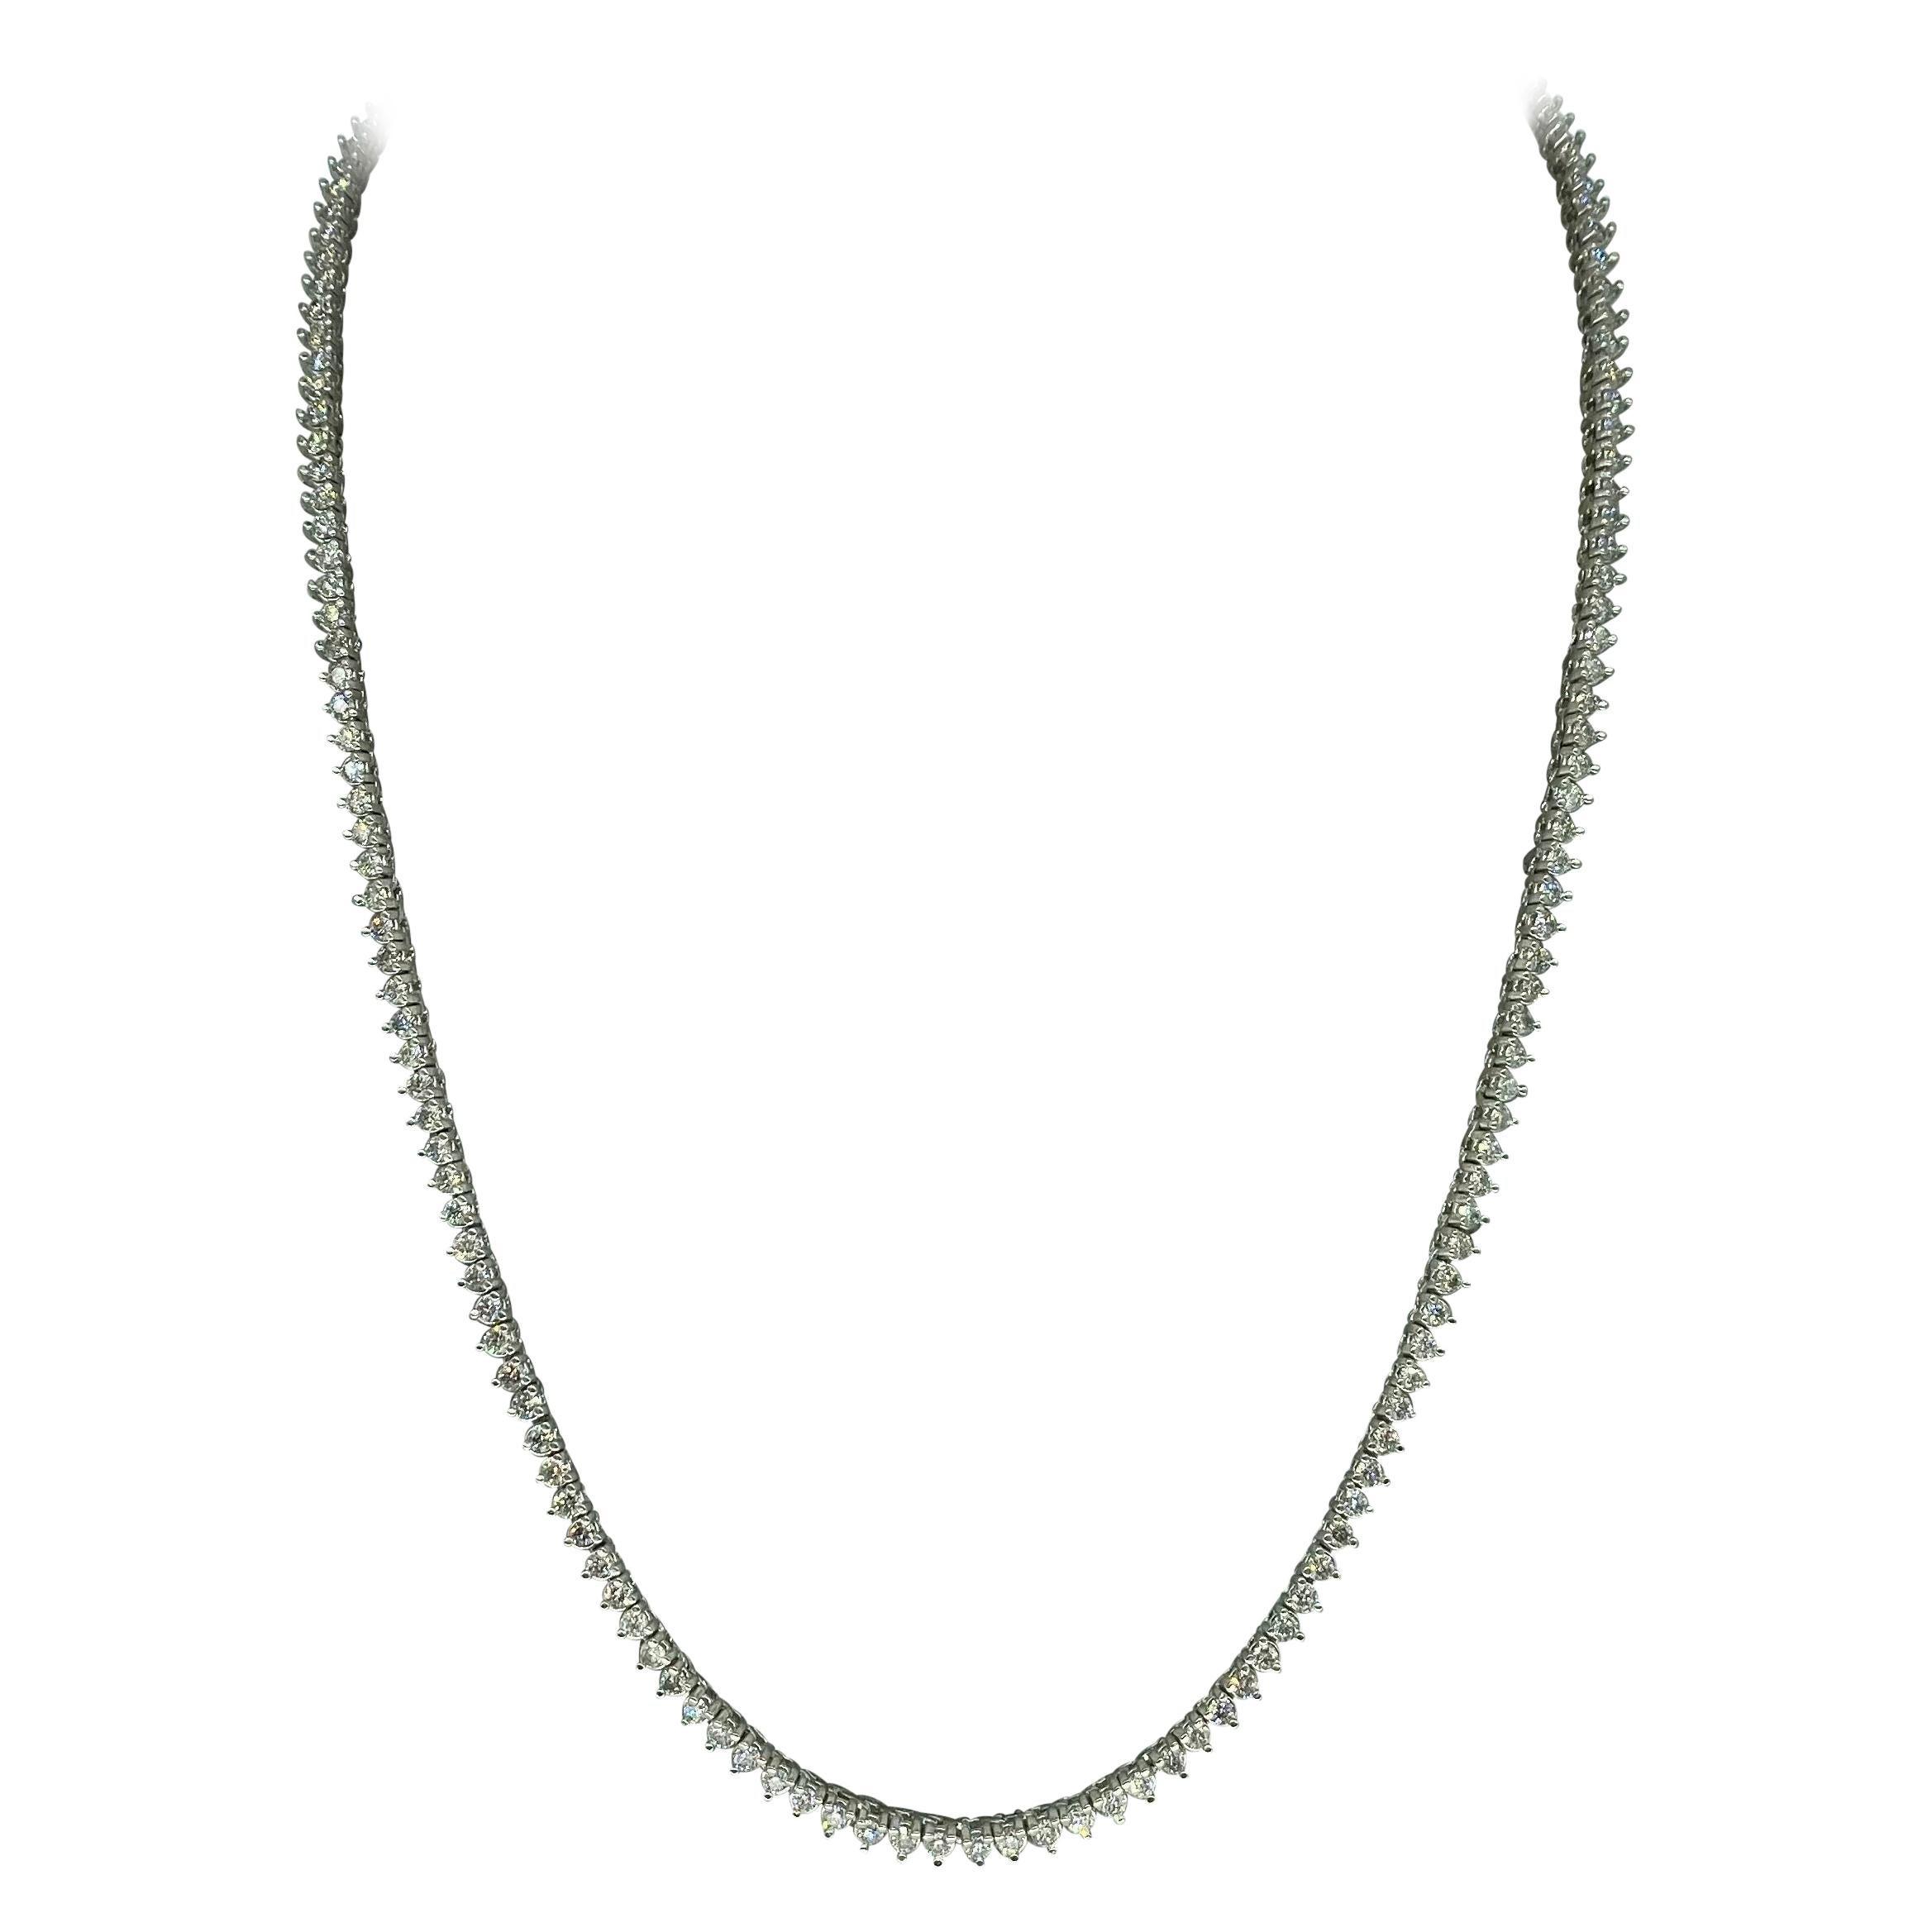 Vintage 10.80 Carat Round Diamond Martini Tennis Necklace